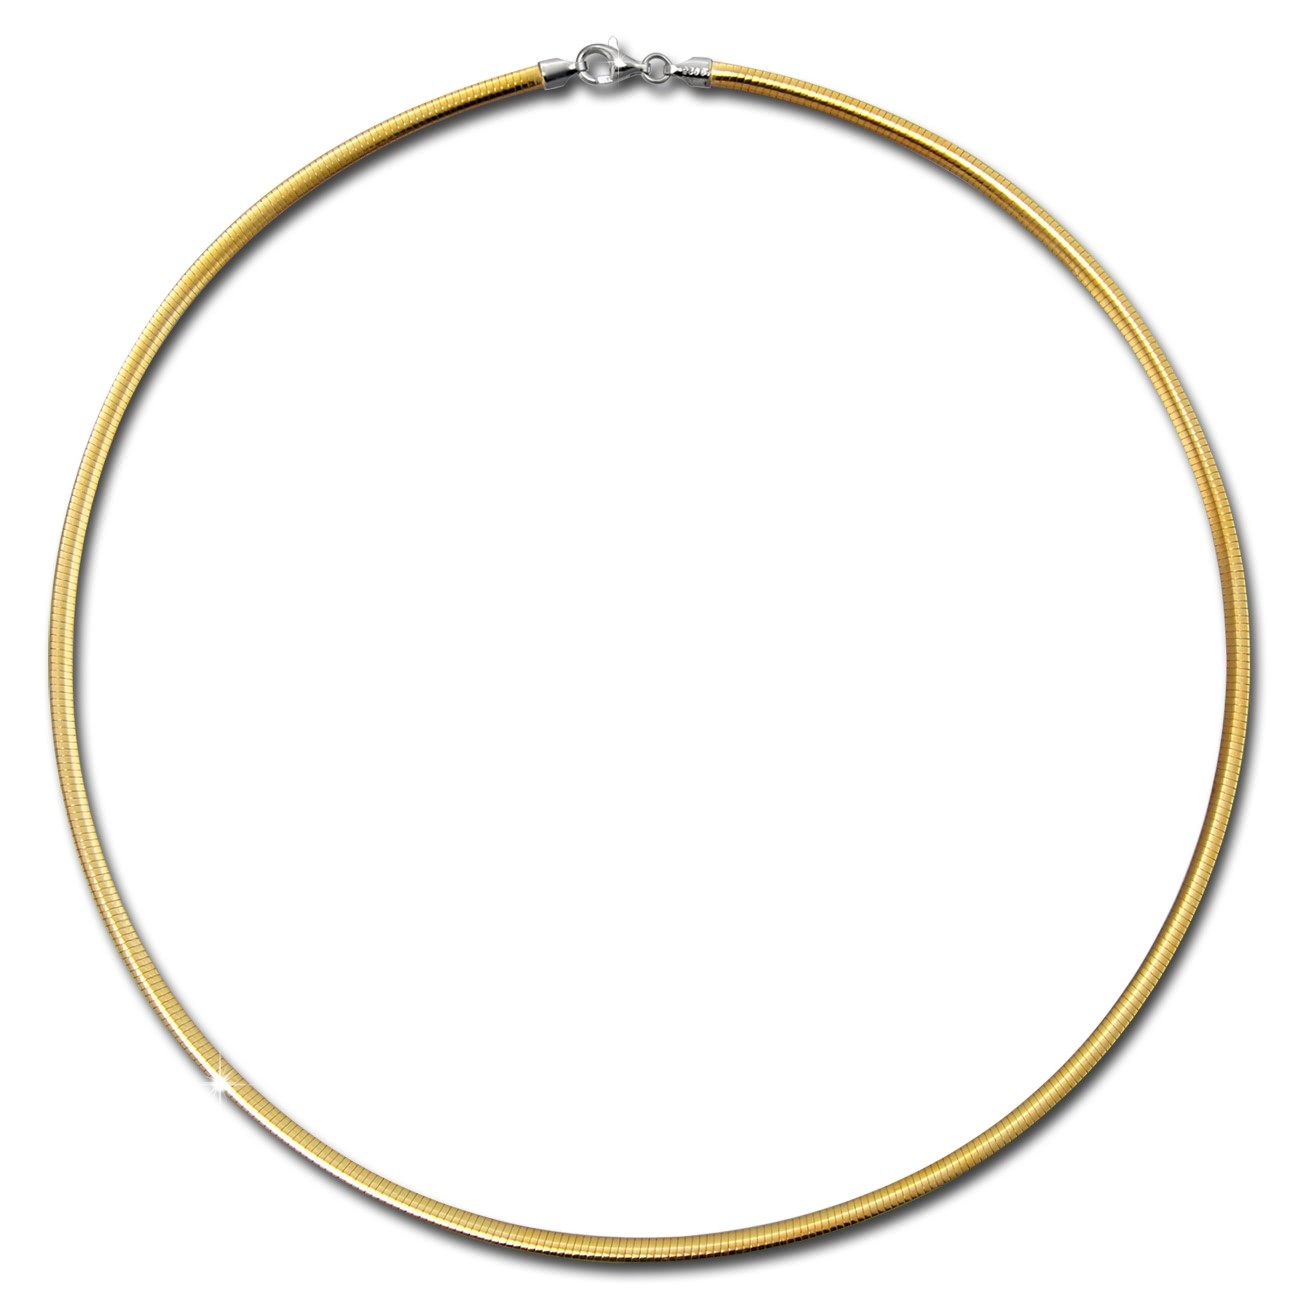 SilberDream Collier Kette Muster vergoldet und Silber 925er 45cm SDK22945T